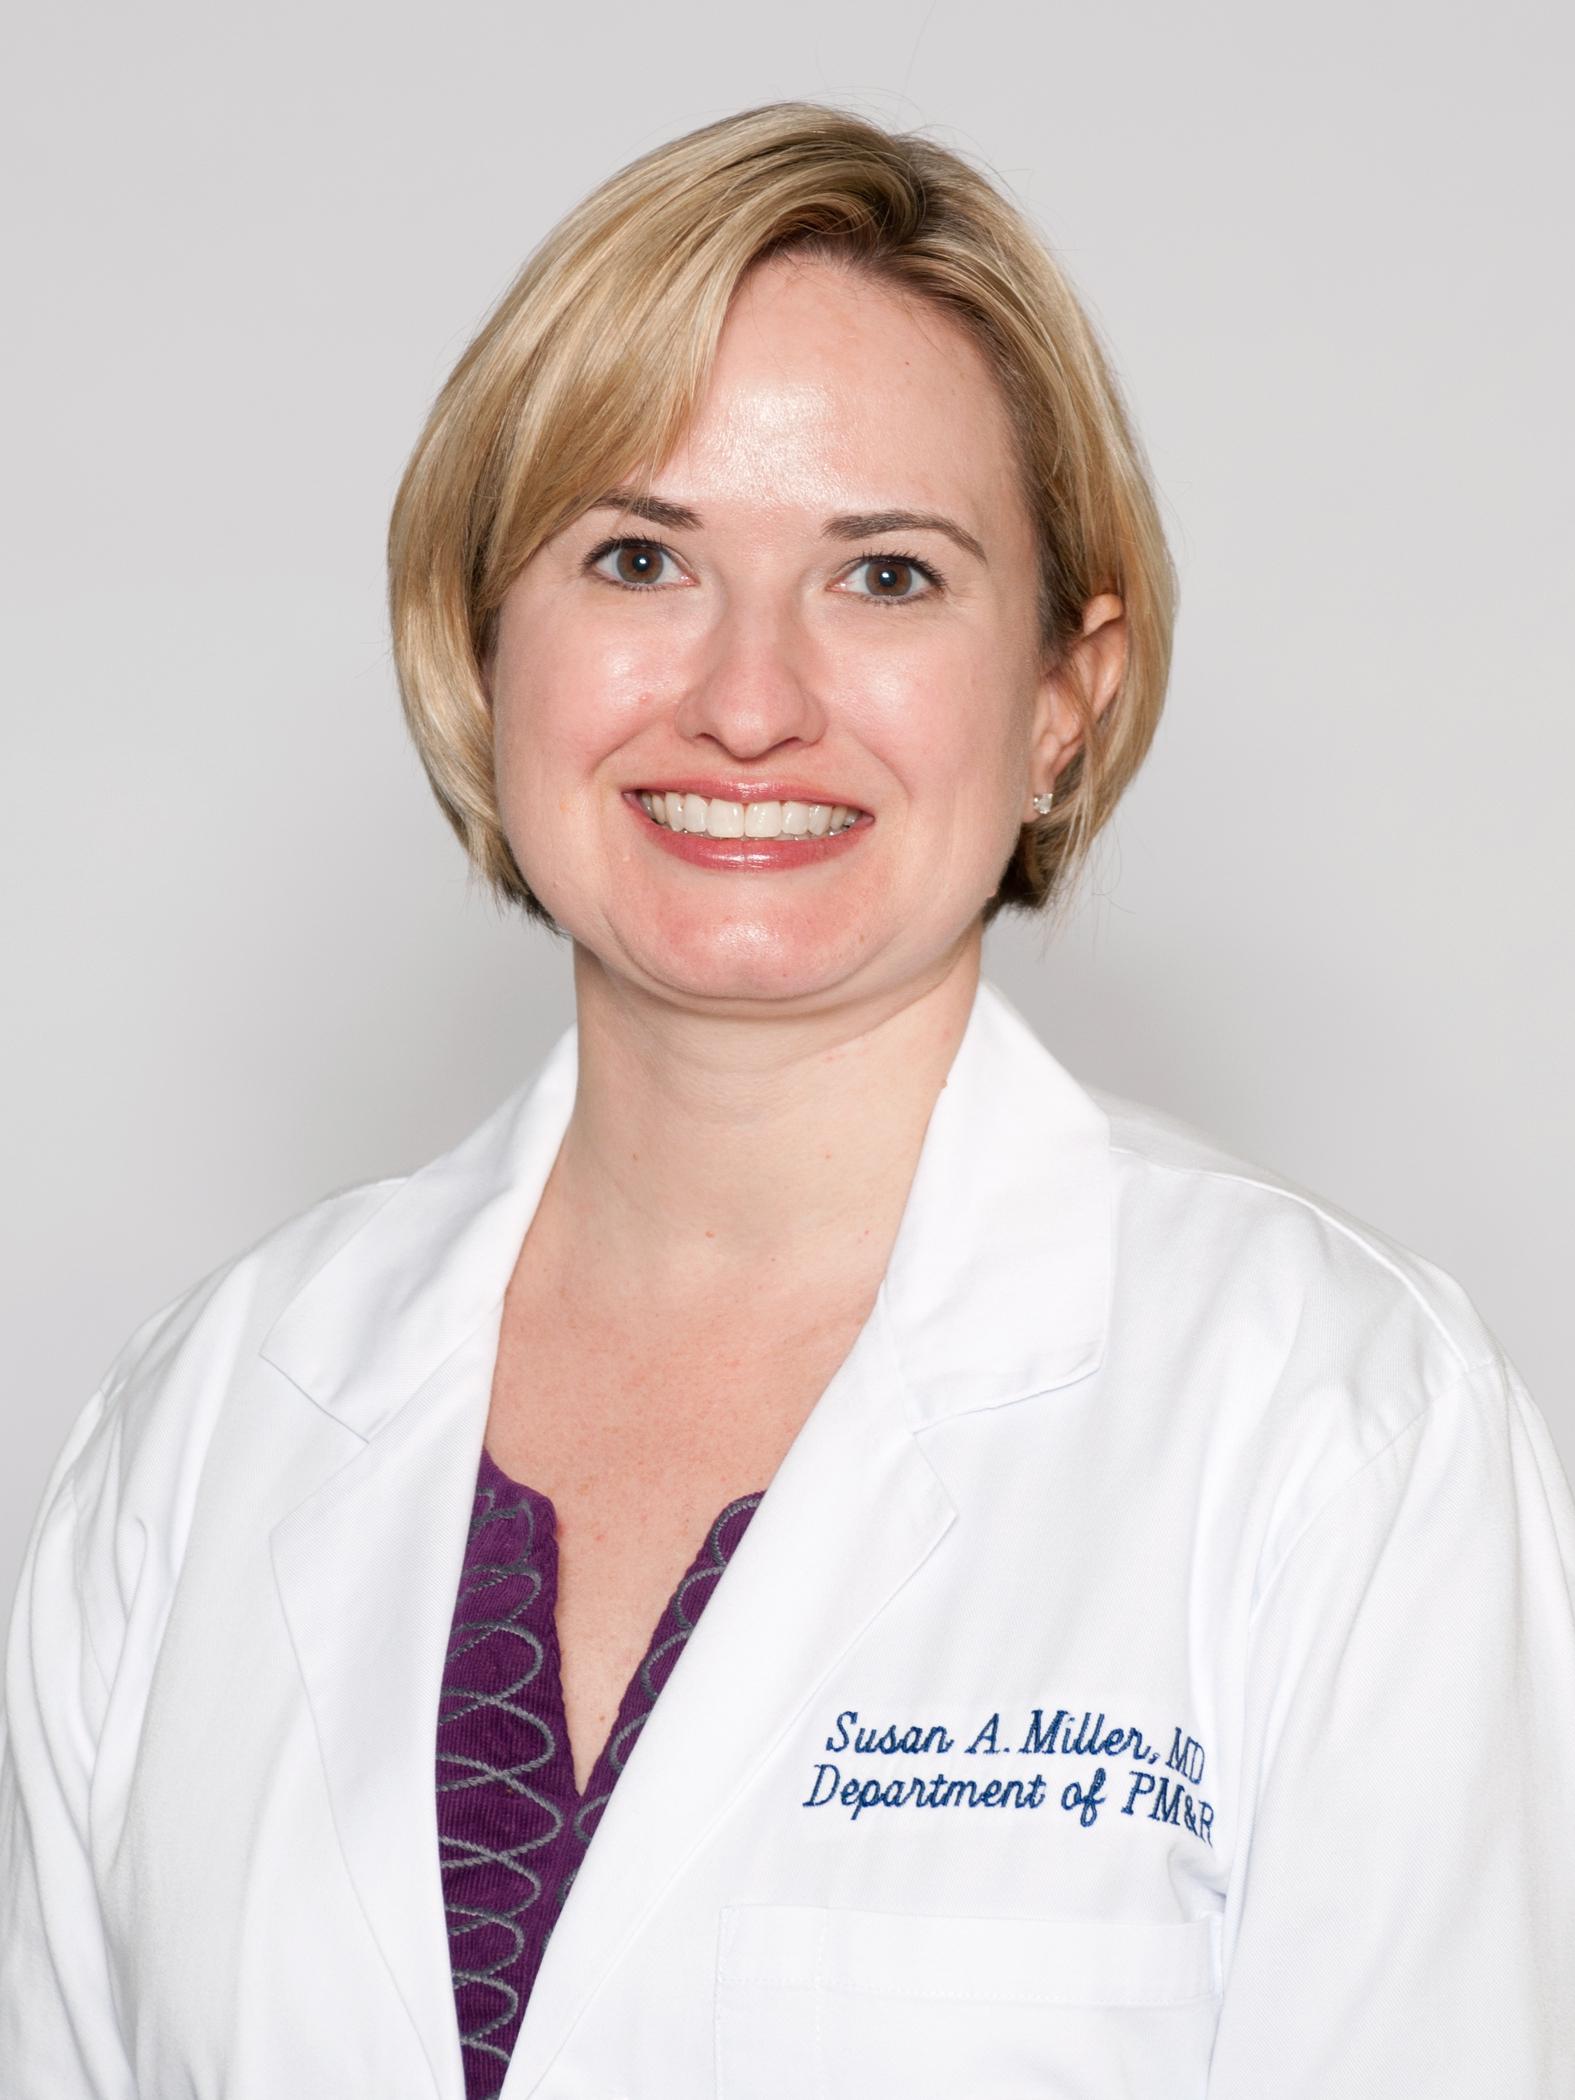 Dr. Miller